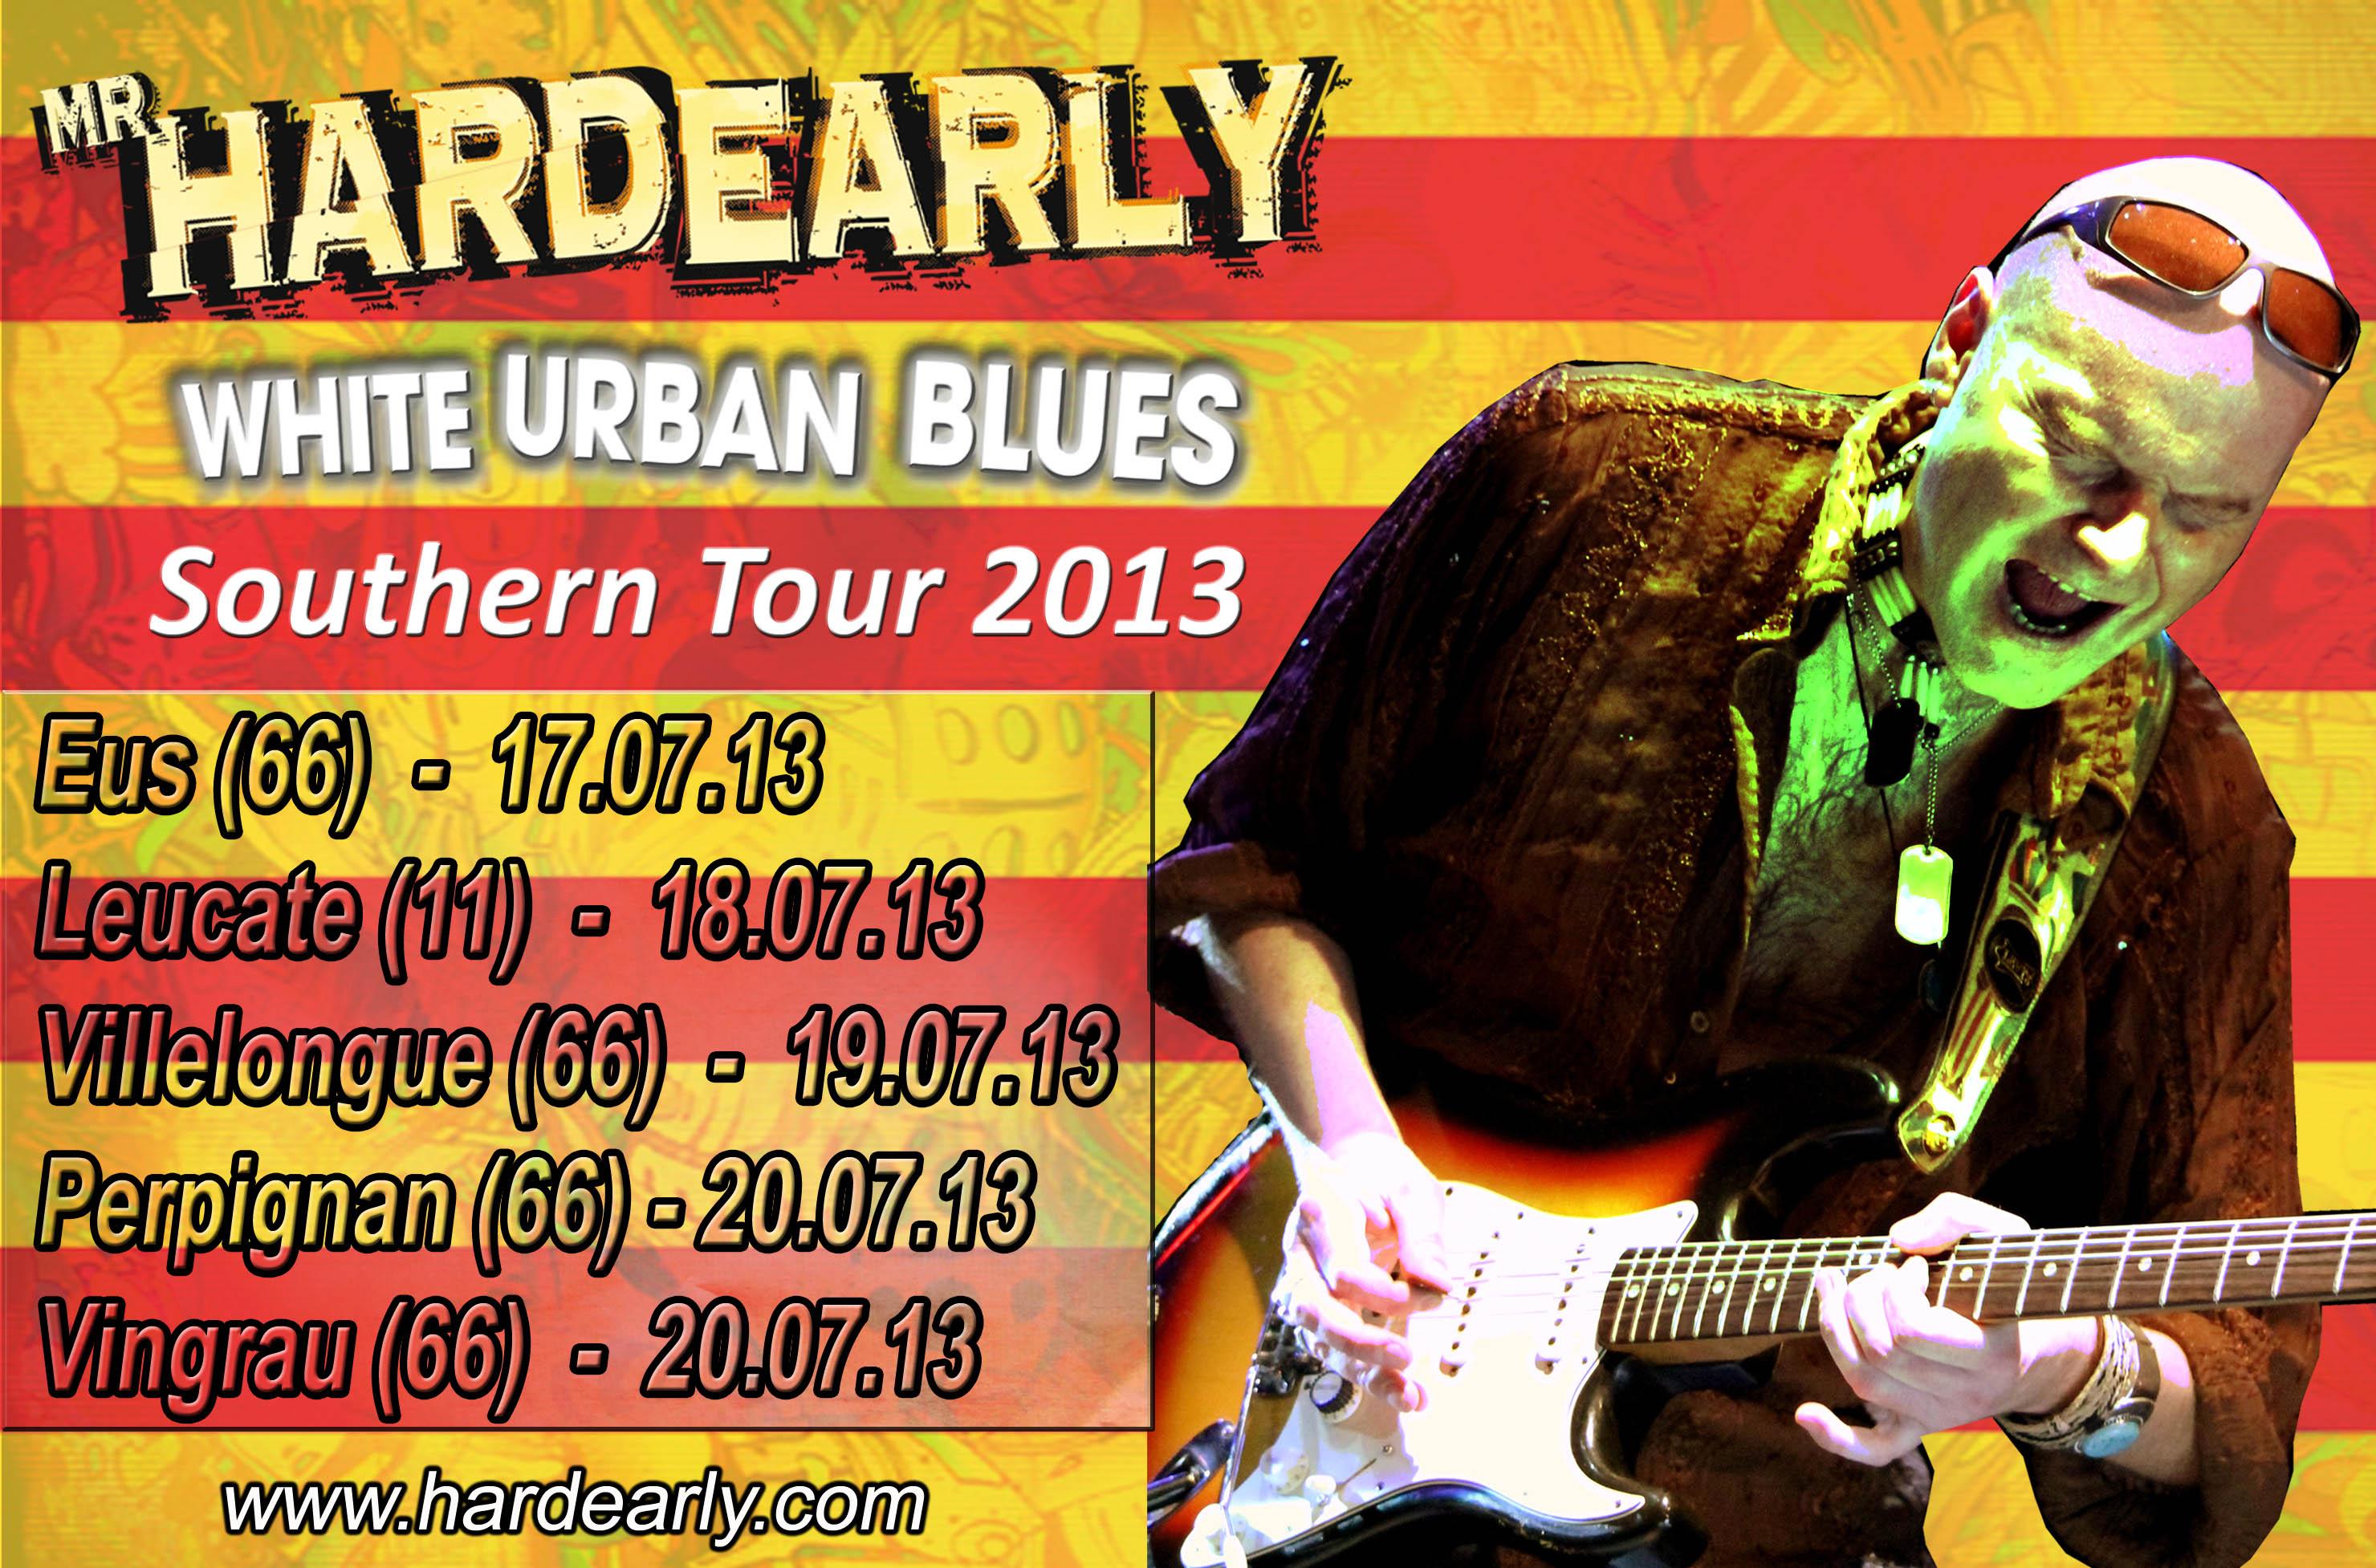 Southern Tour 2013